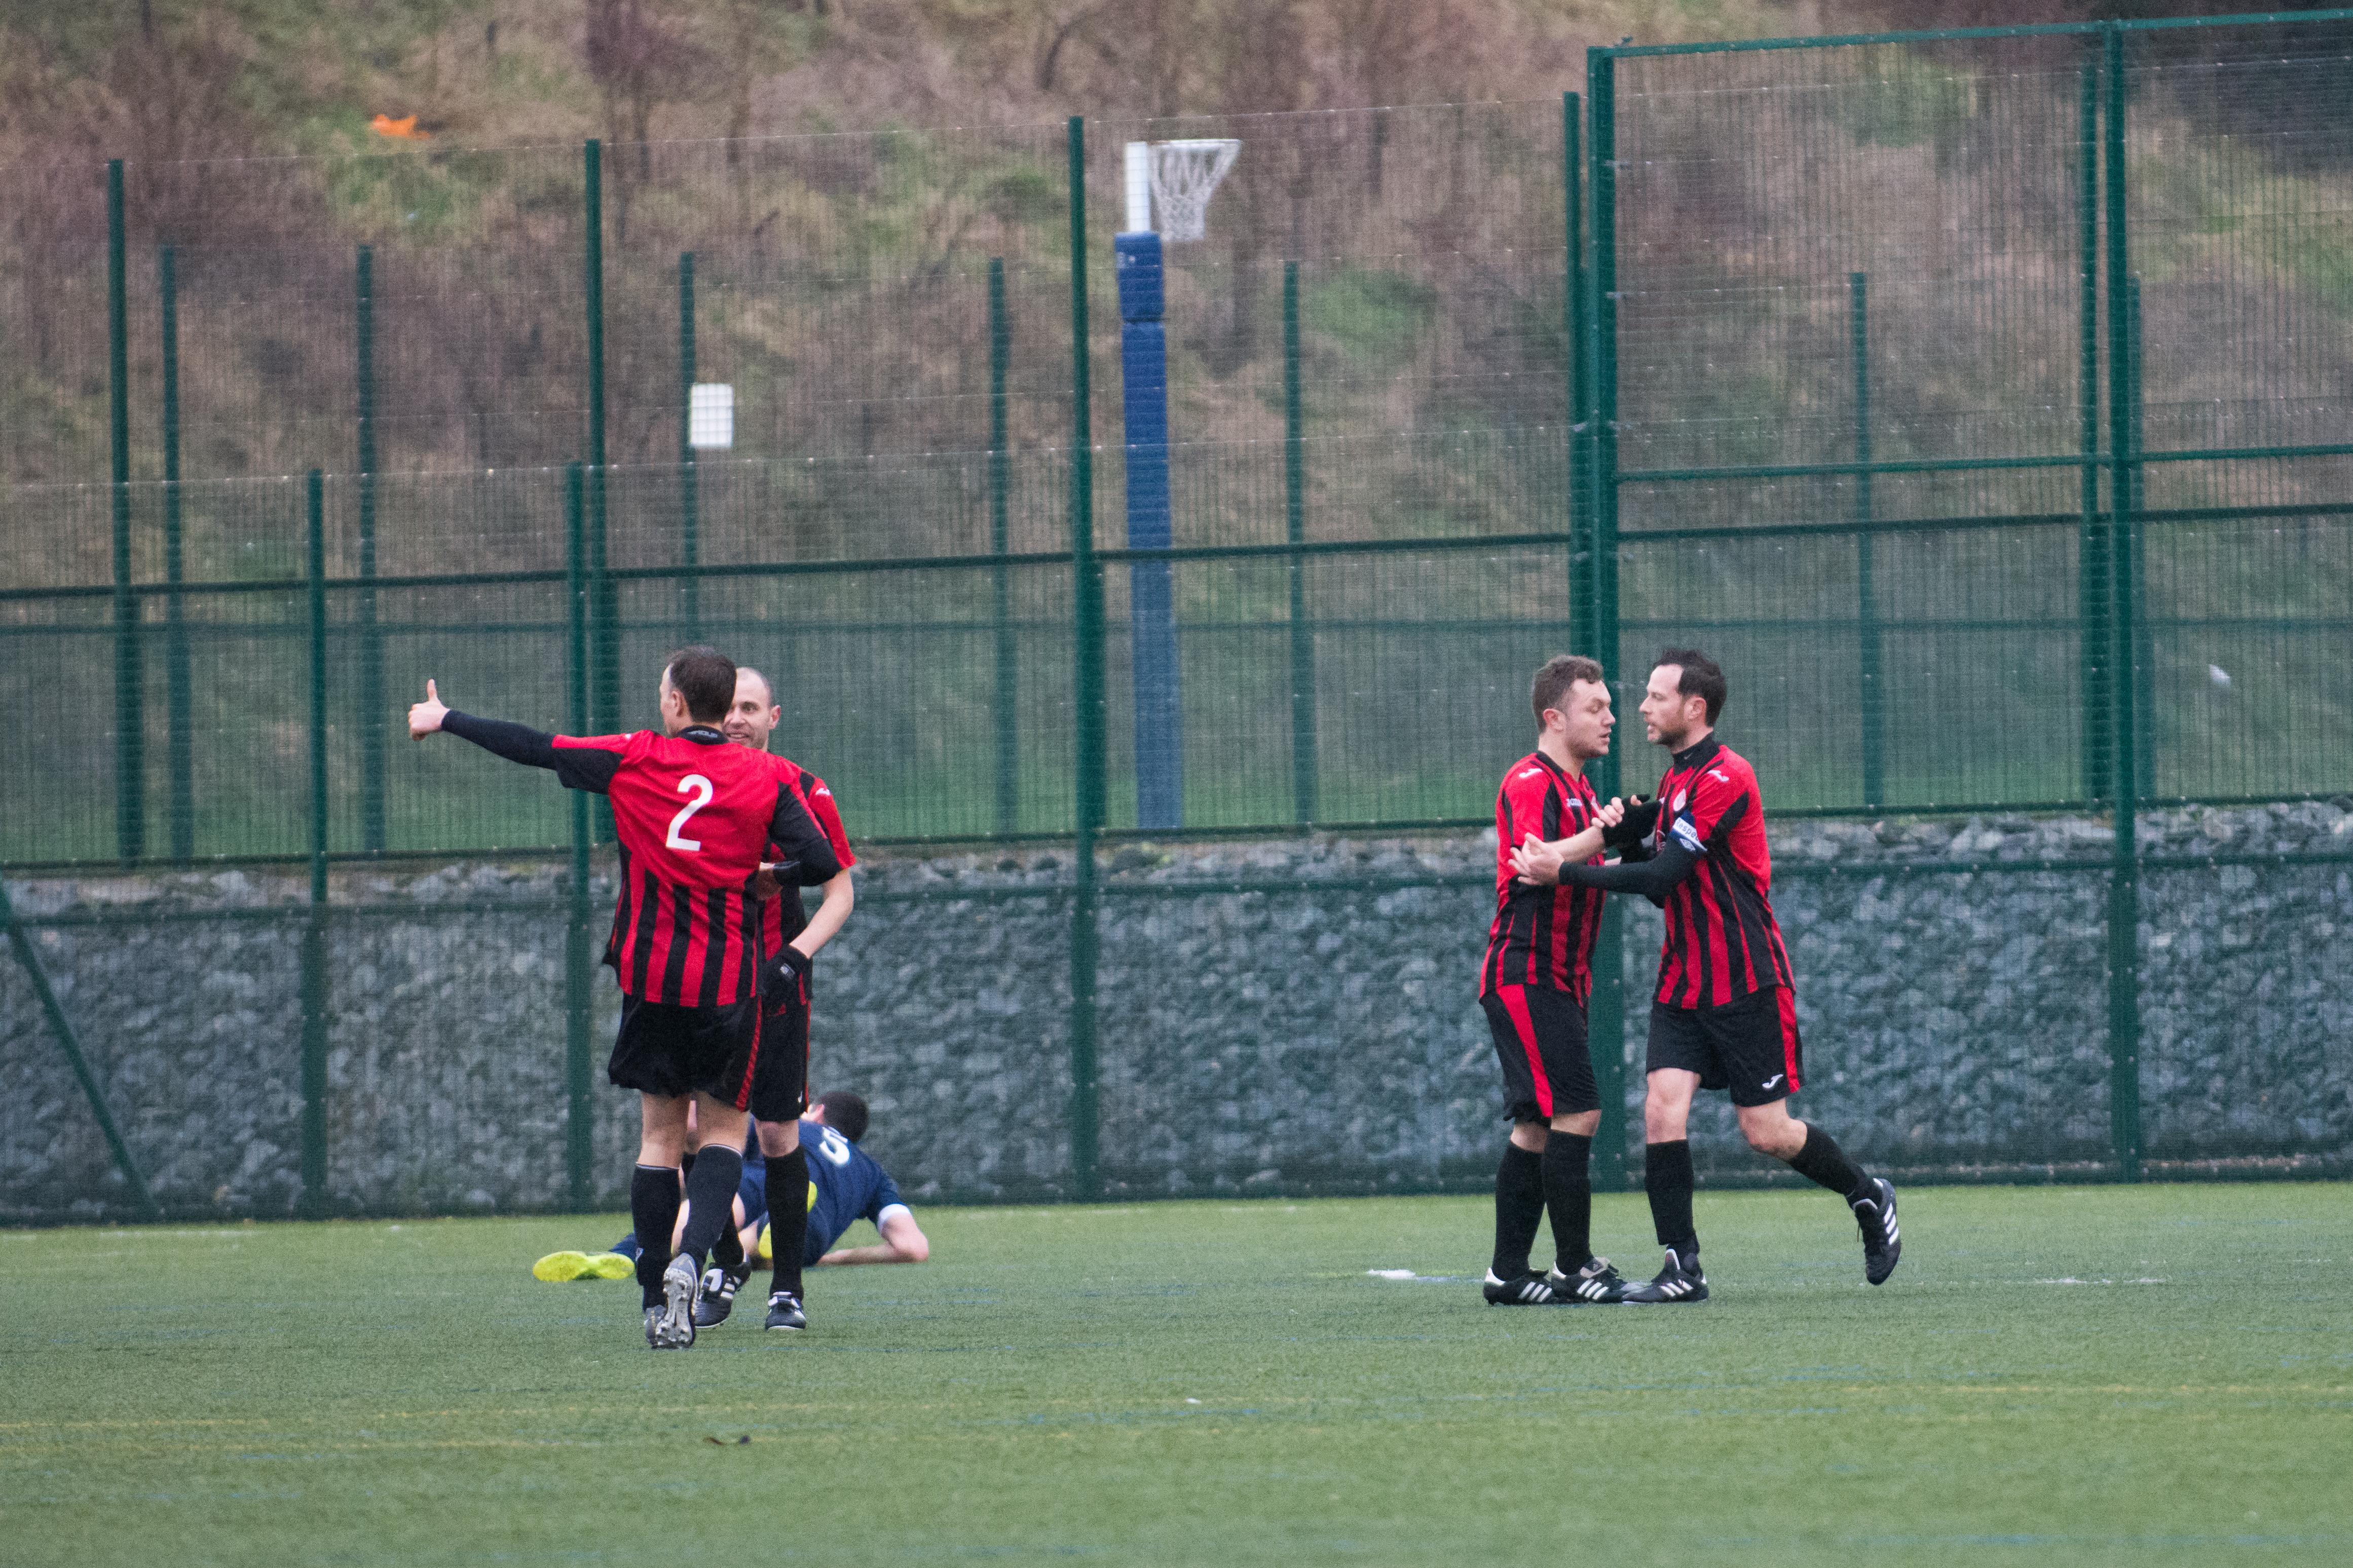 AFC Varndeanians Res vs Arundel FC Res 10.02.18 52